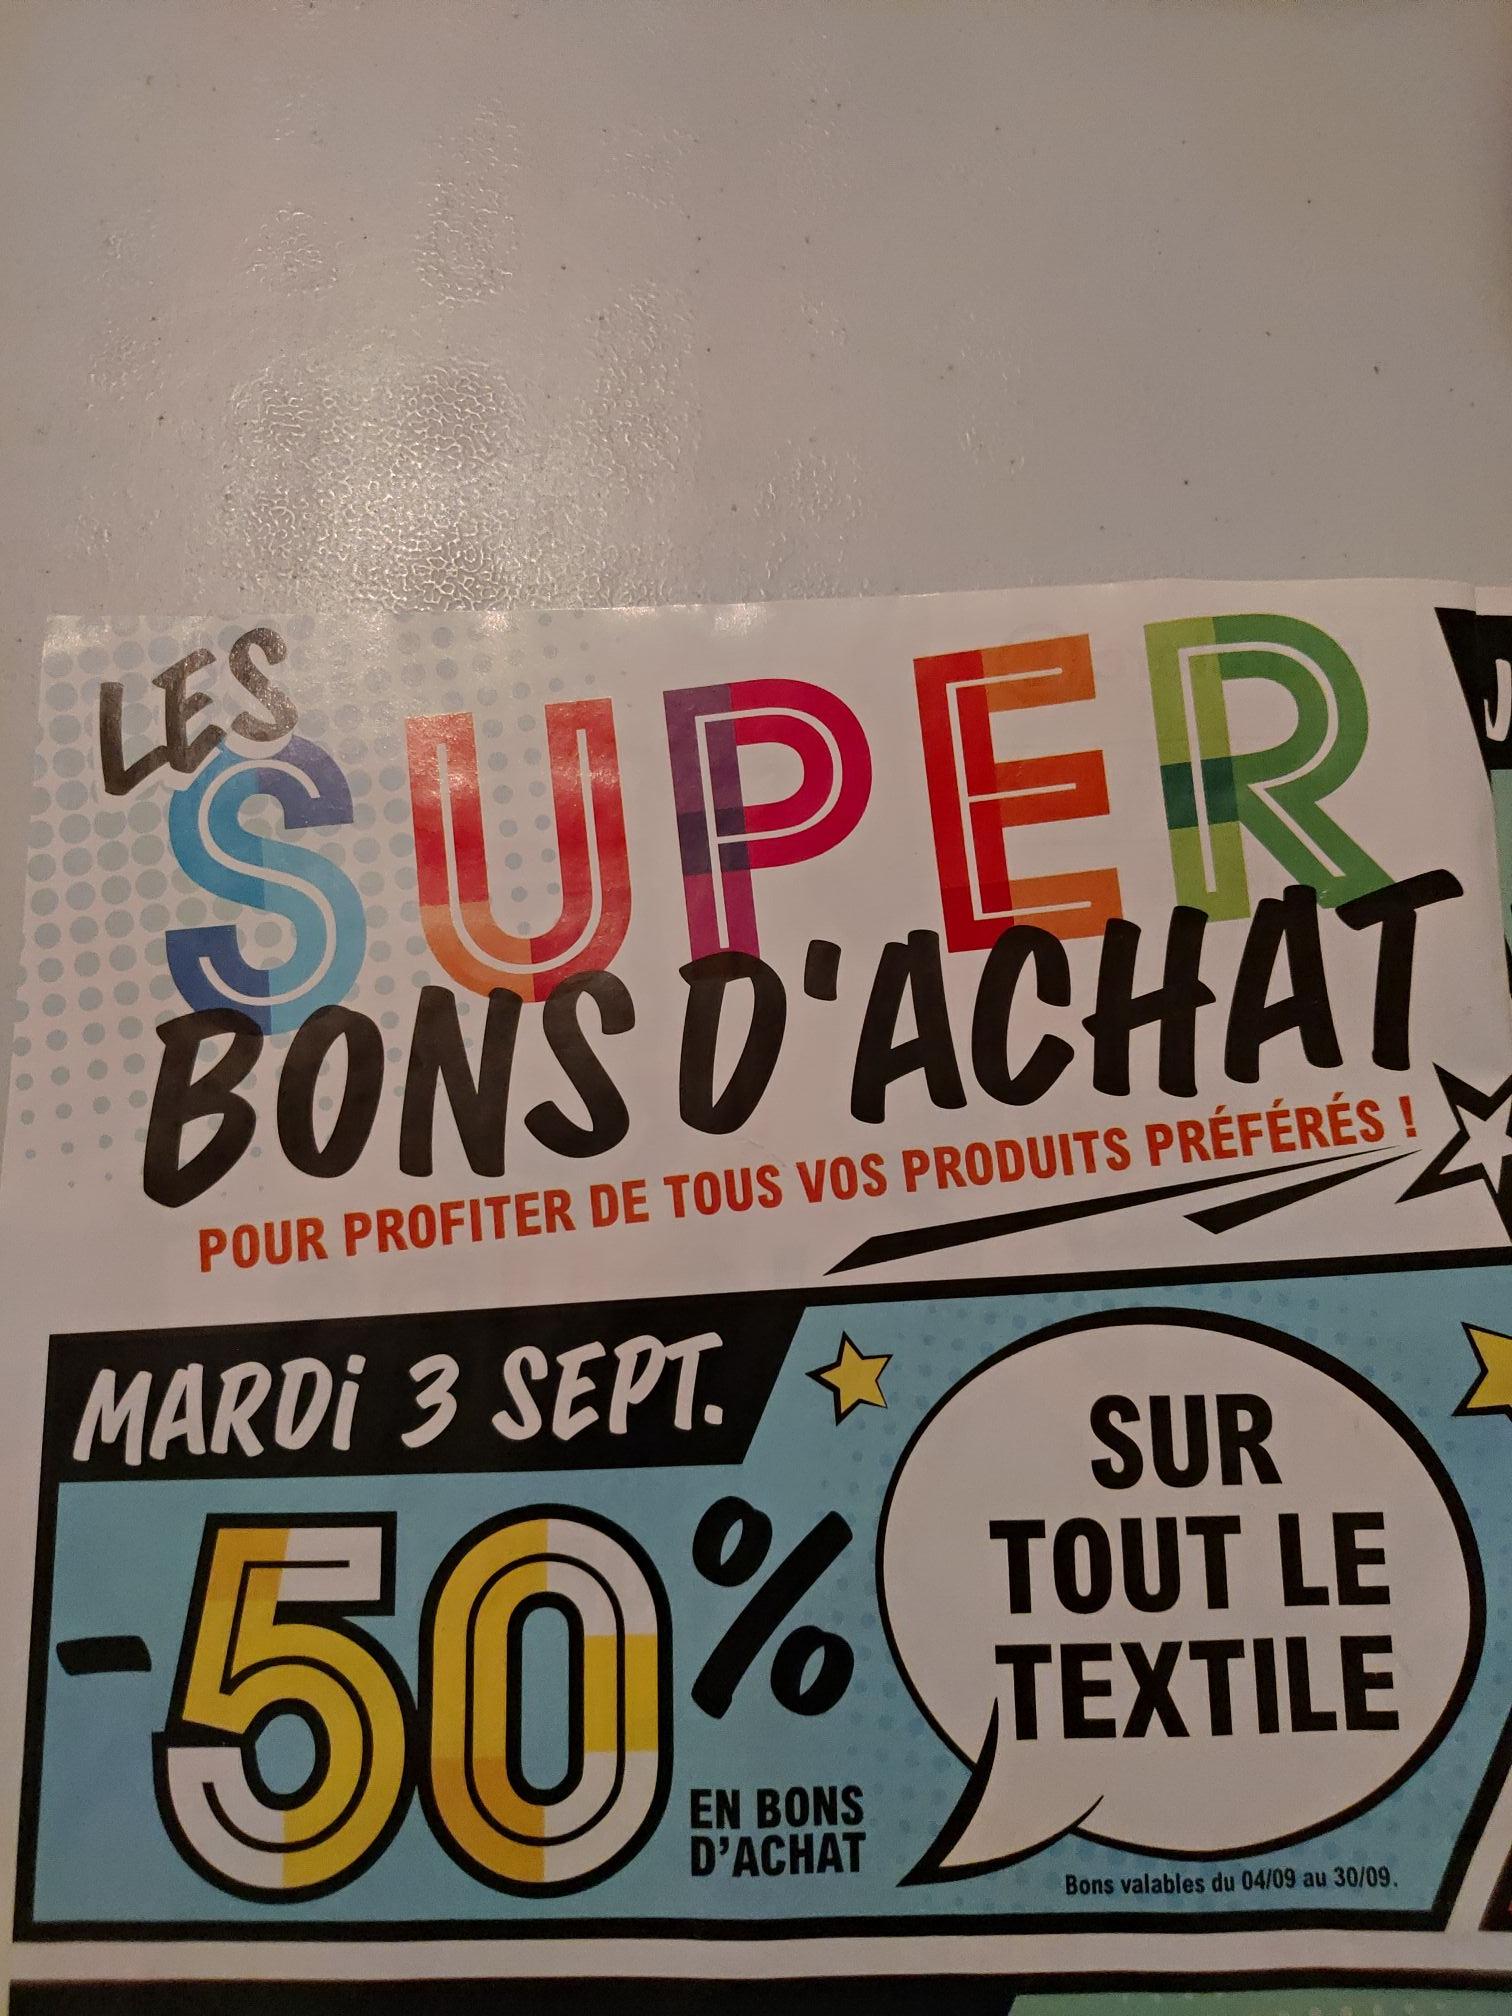 Sélection d'offres promotionnelles - Ex : 50% offerts en bons d'achat sur tout le textile (Joué-lès-Tours 37)